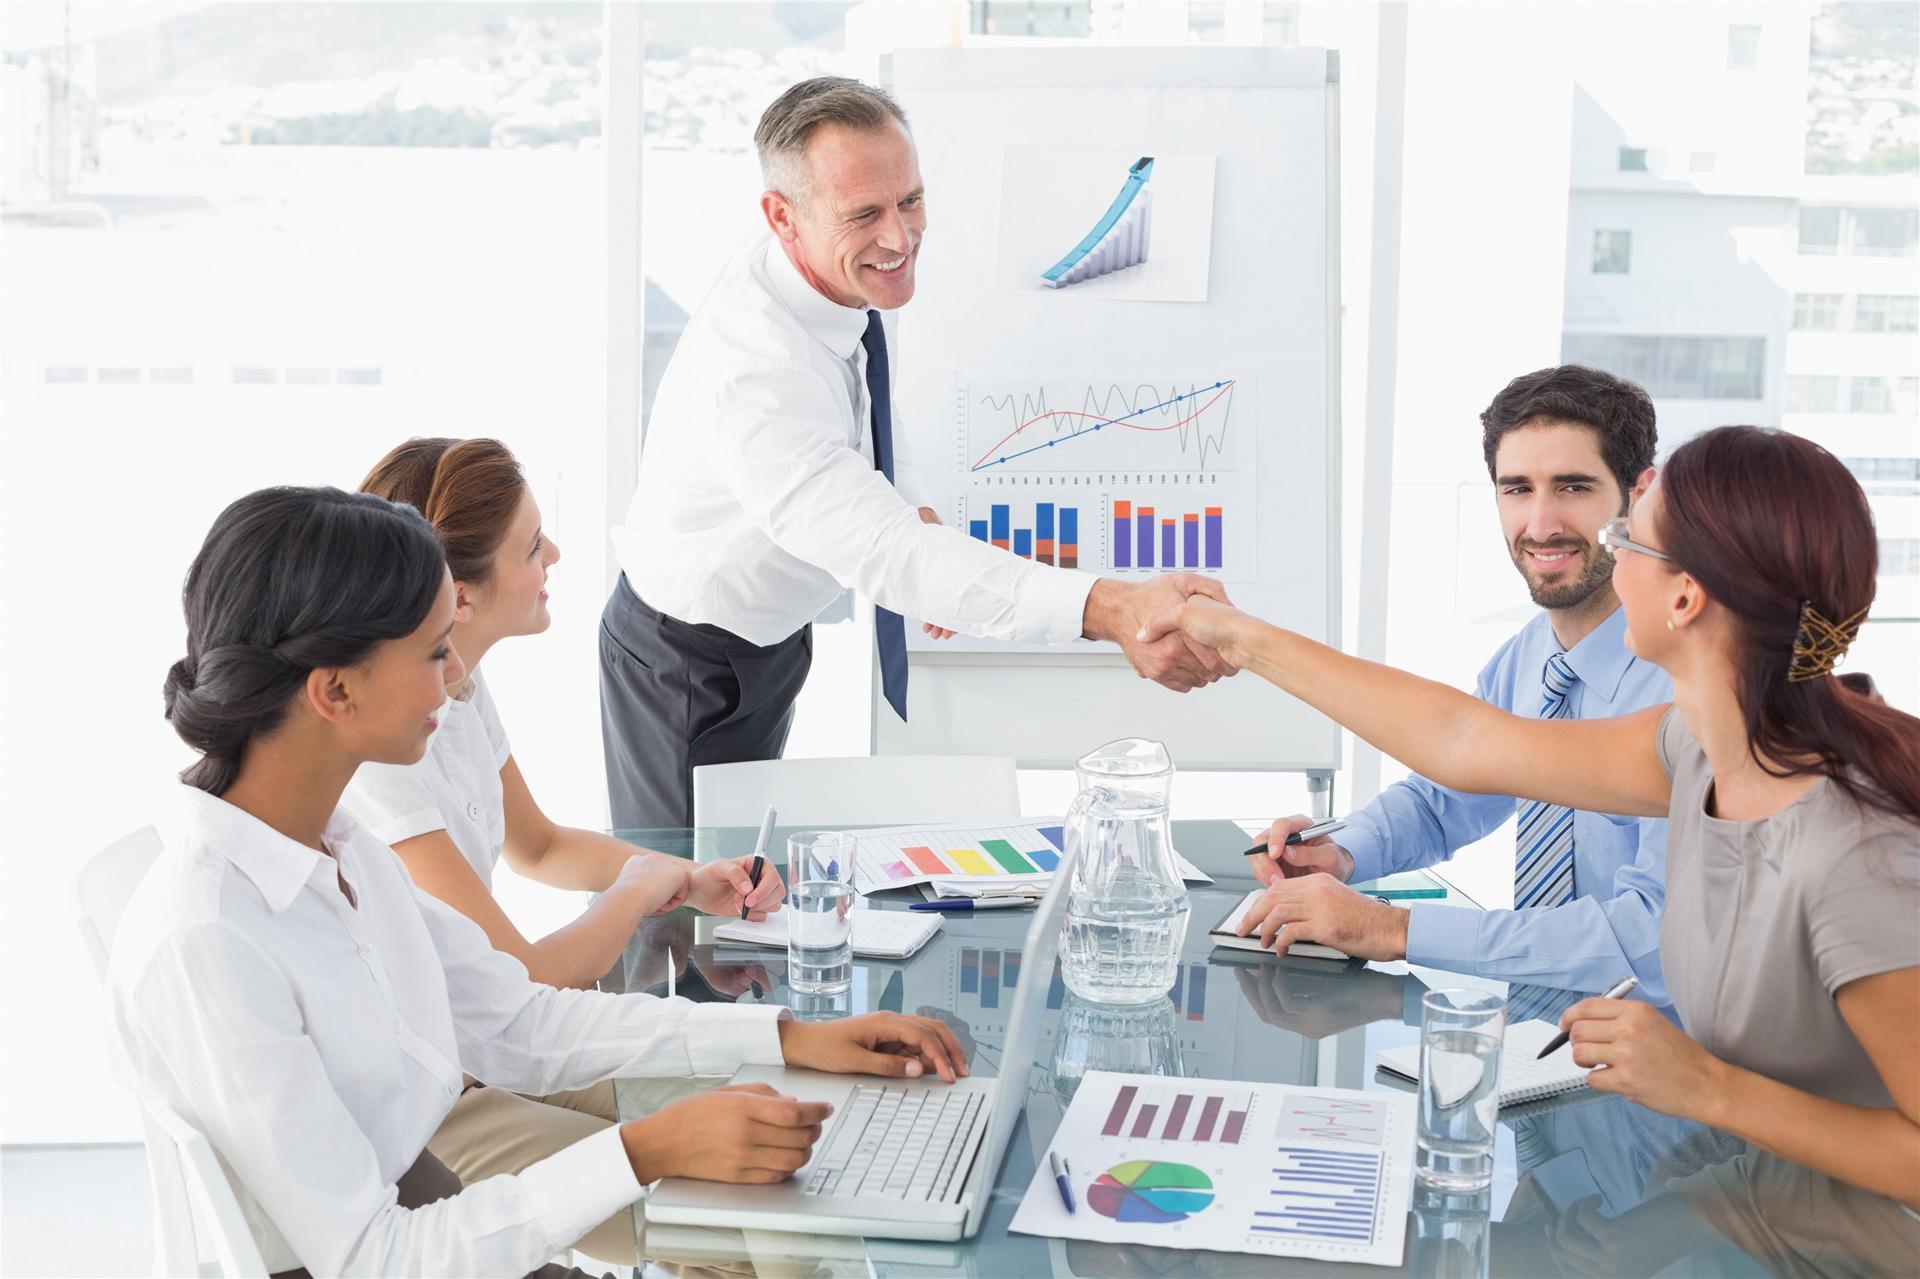 销售实习生面试时,有哪些常见的问题?